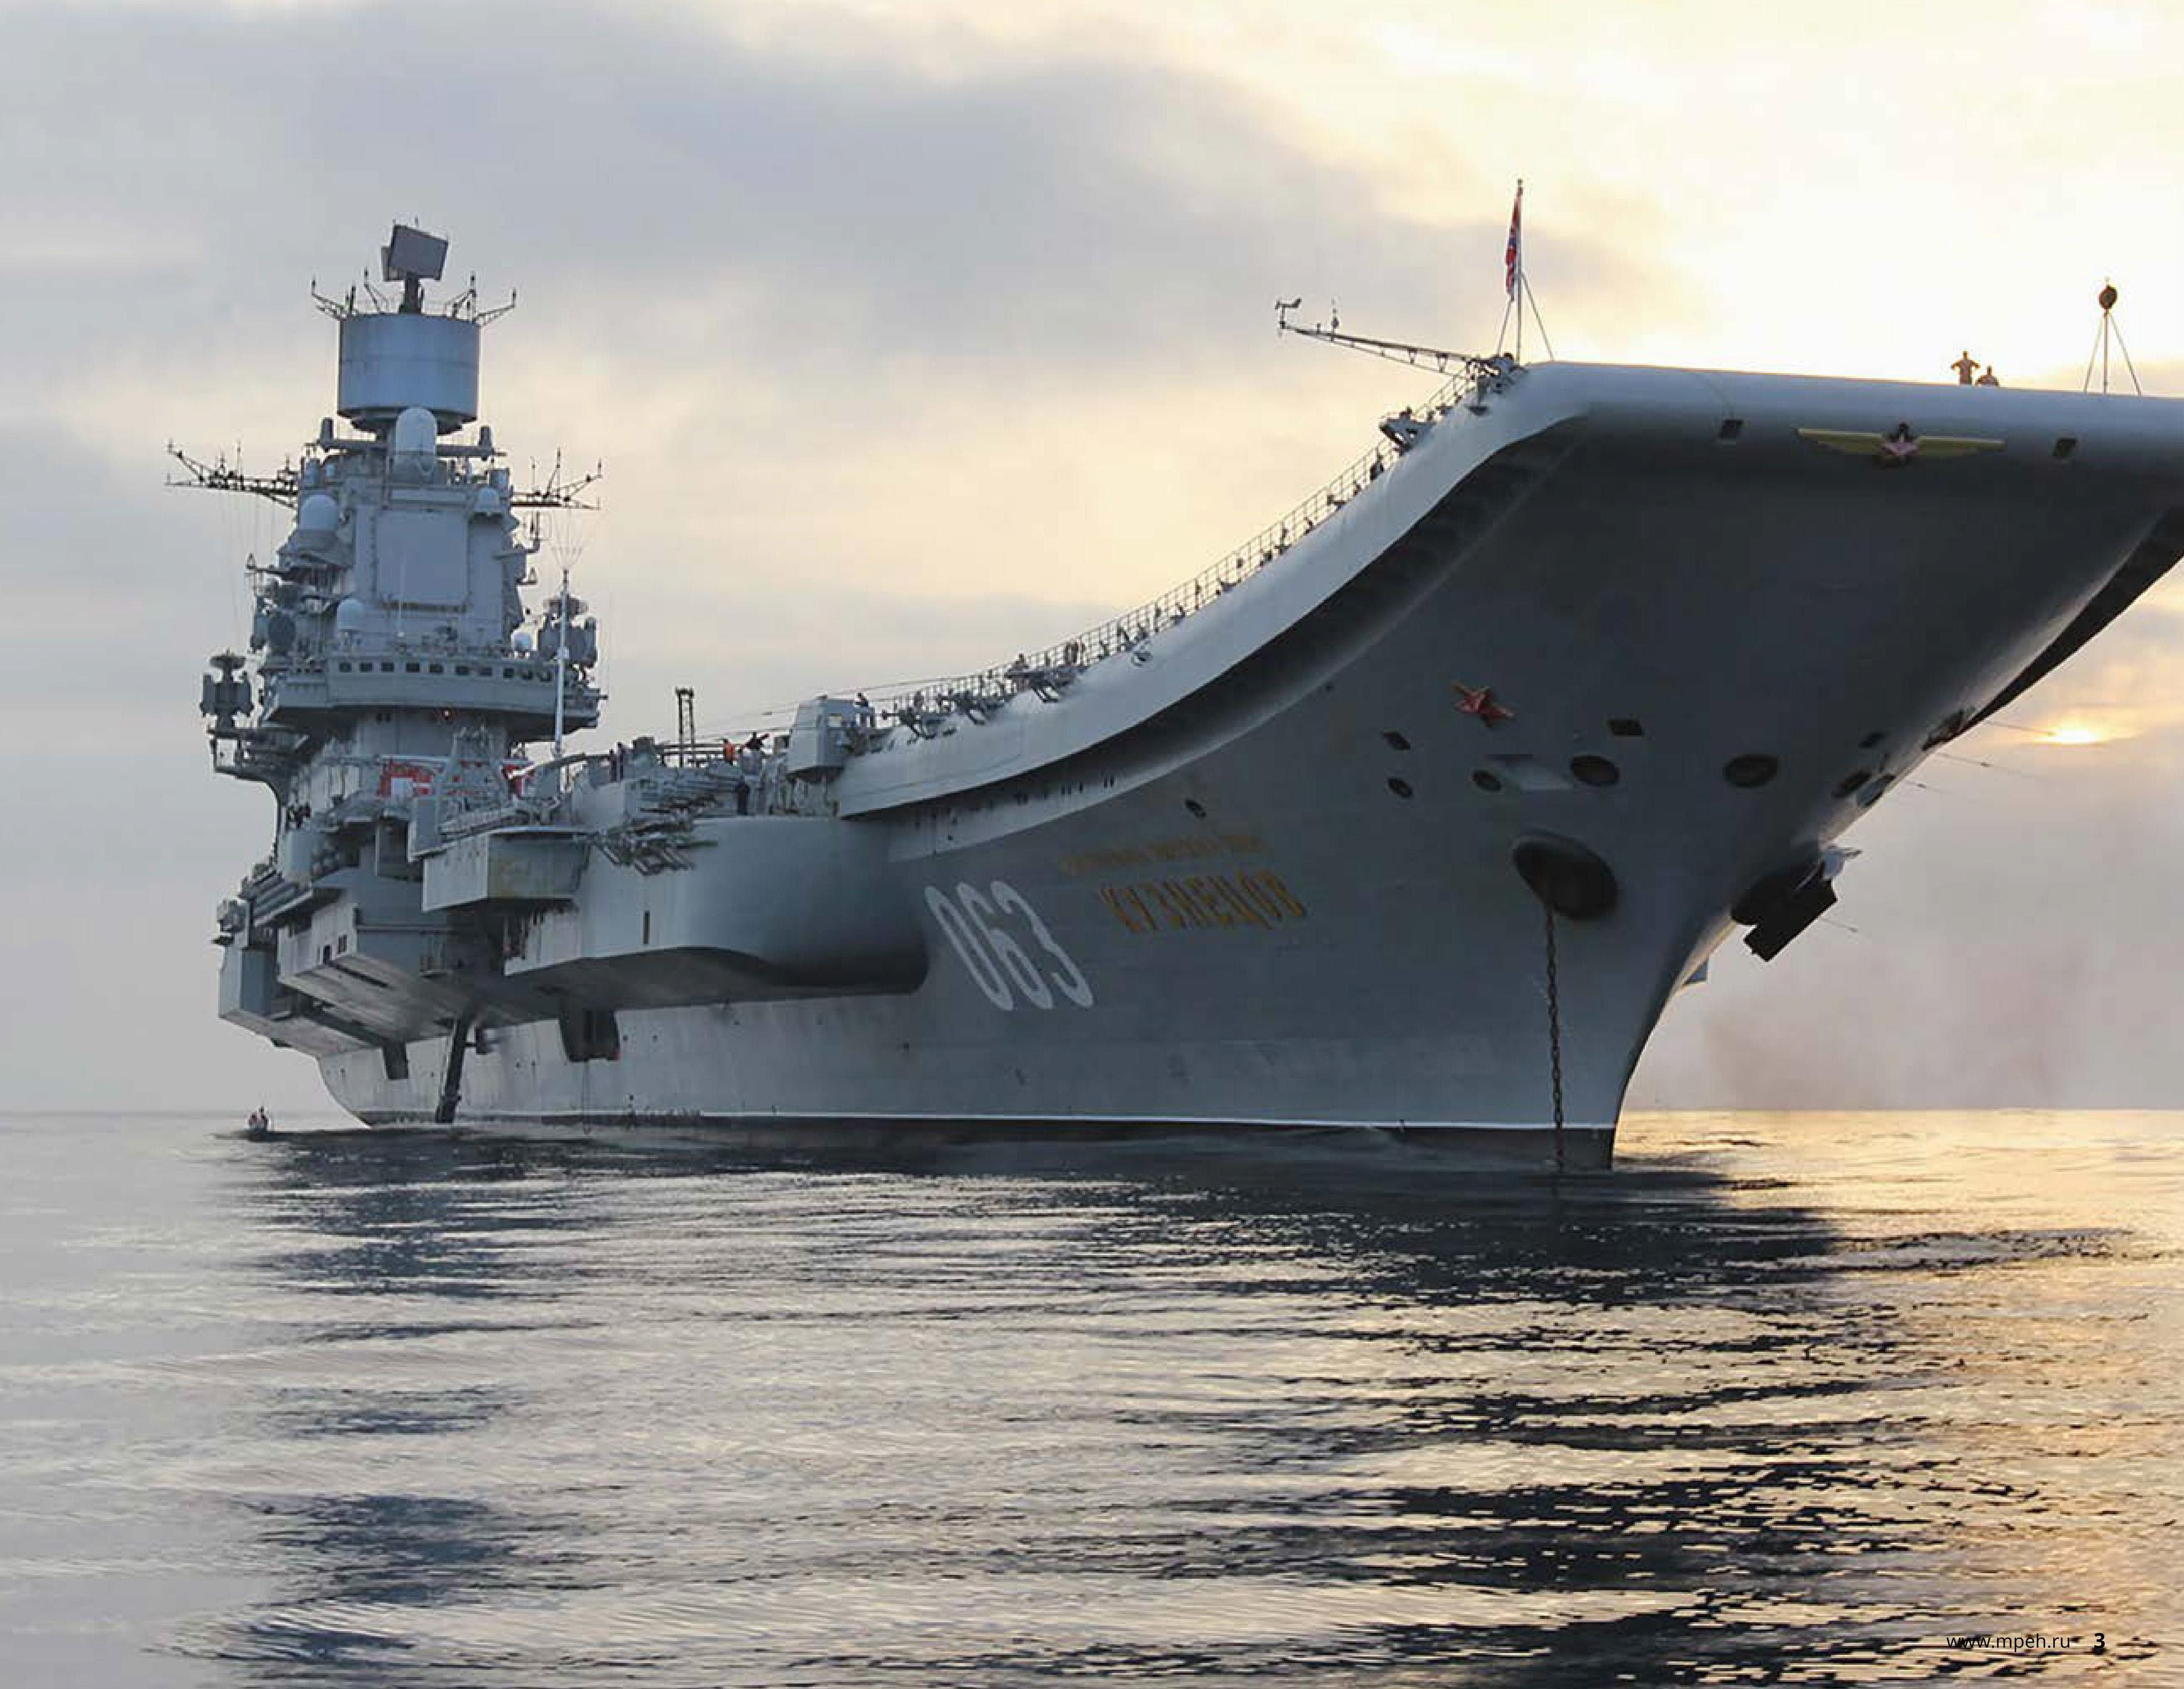 фото адмирала кузнецова ответственным риелтором